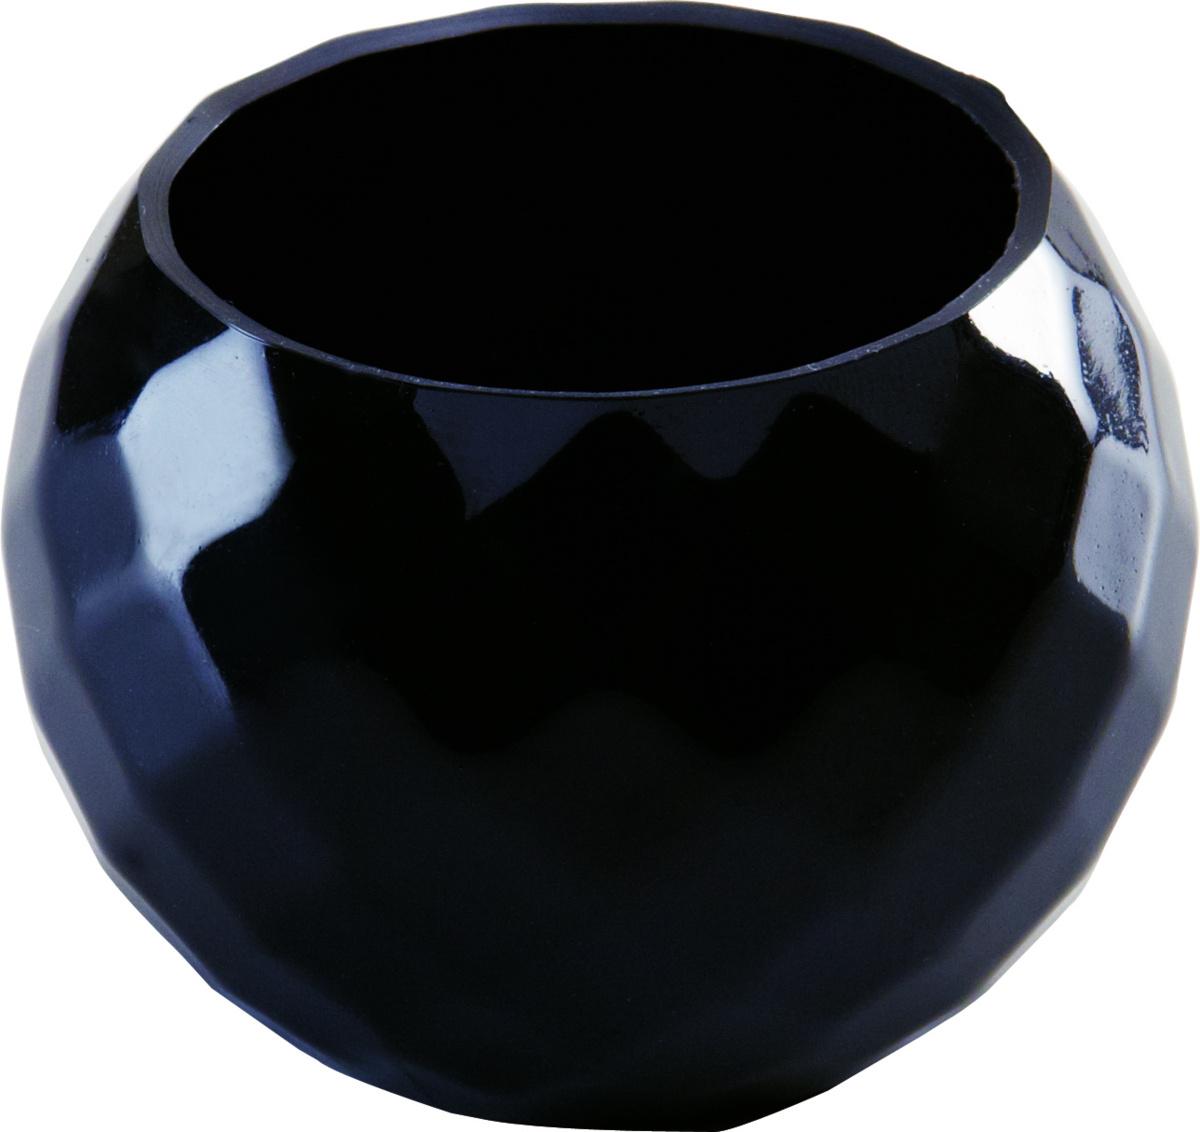 Verrine sphair diams ronde noire Ø 5,70 cm 7,50 cl Solia (40 pièces)